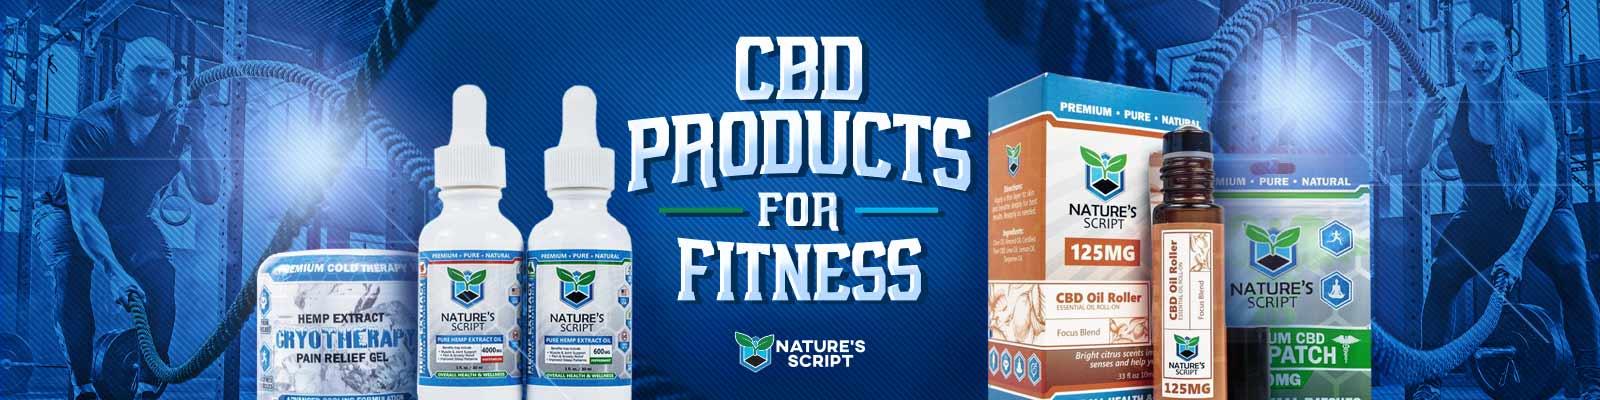 cbd for fitness banner